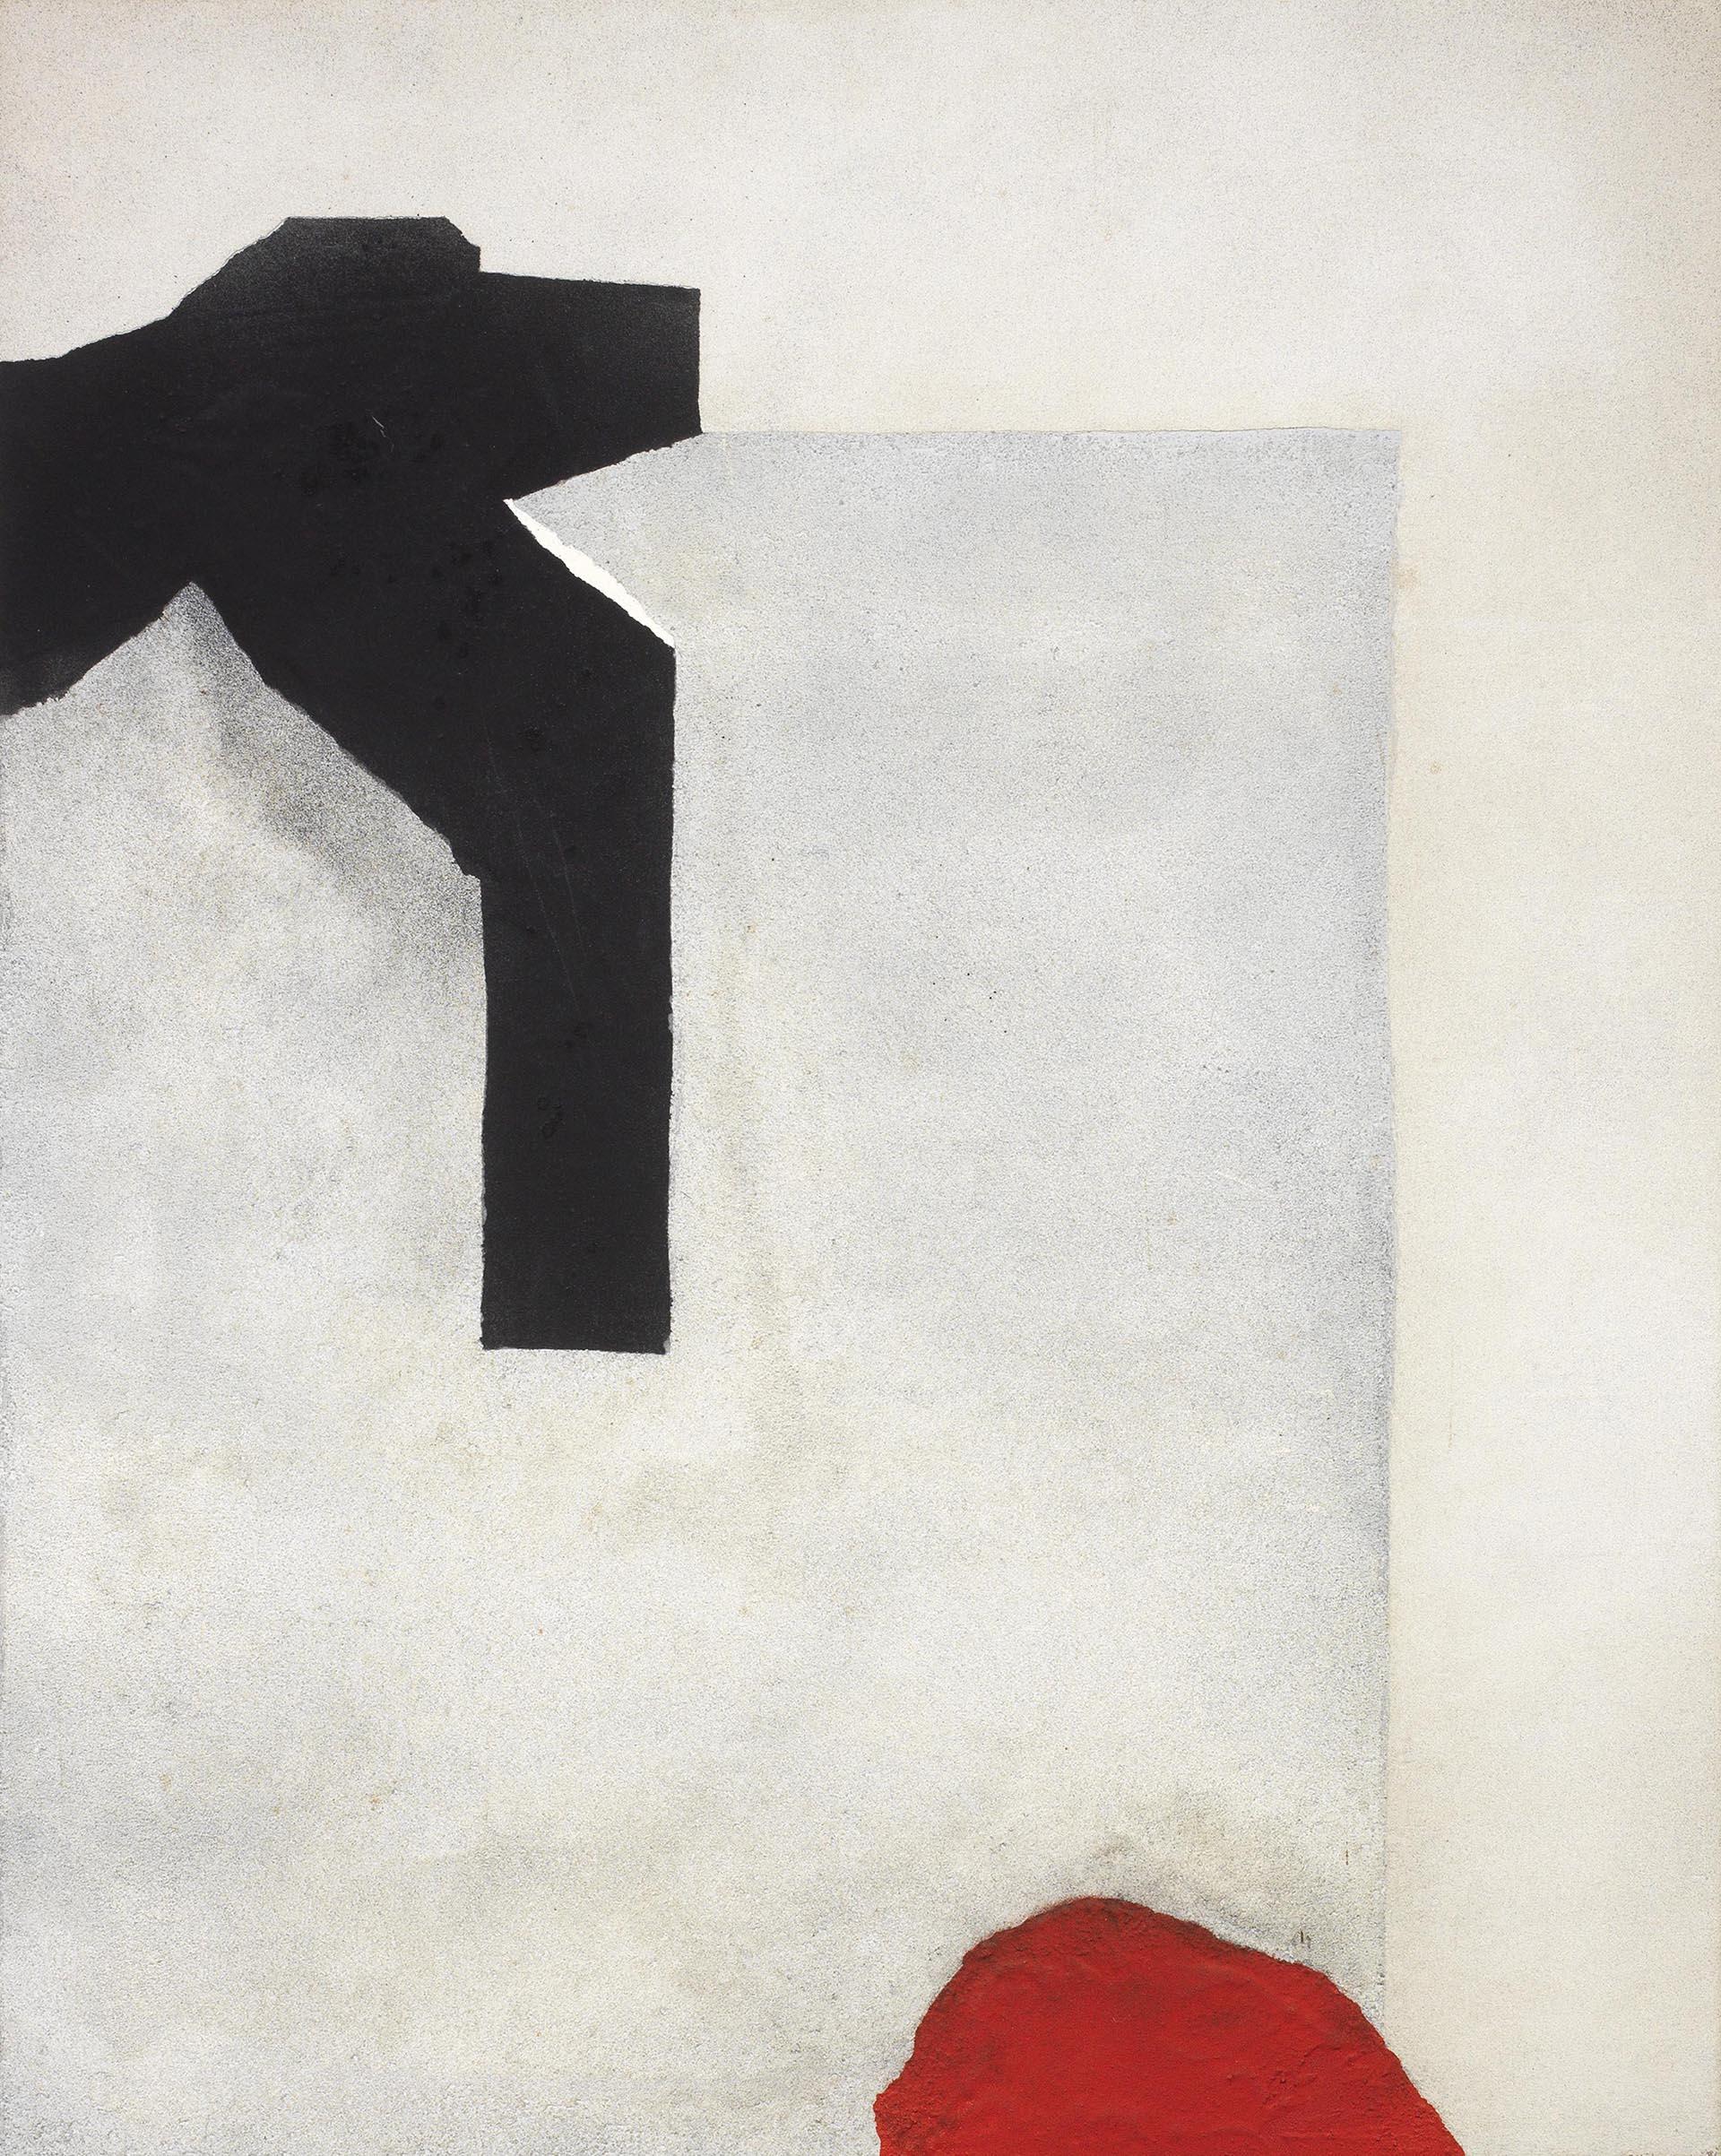 Santomaso, Senza titolo, 1983, 93x73 cm